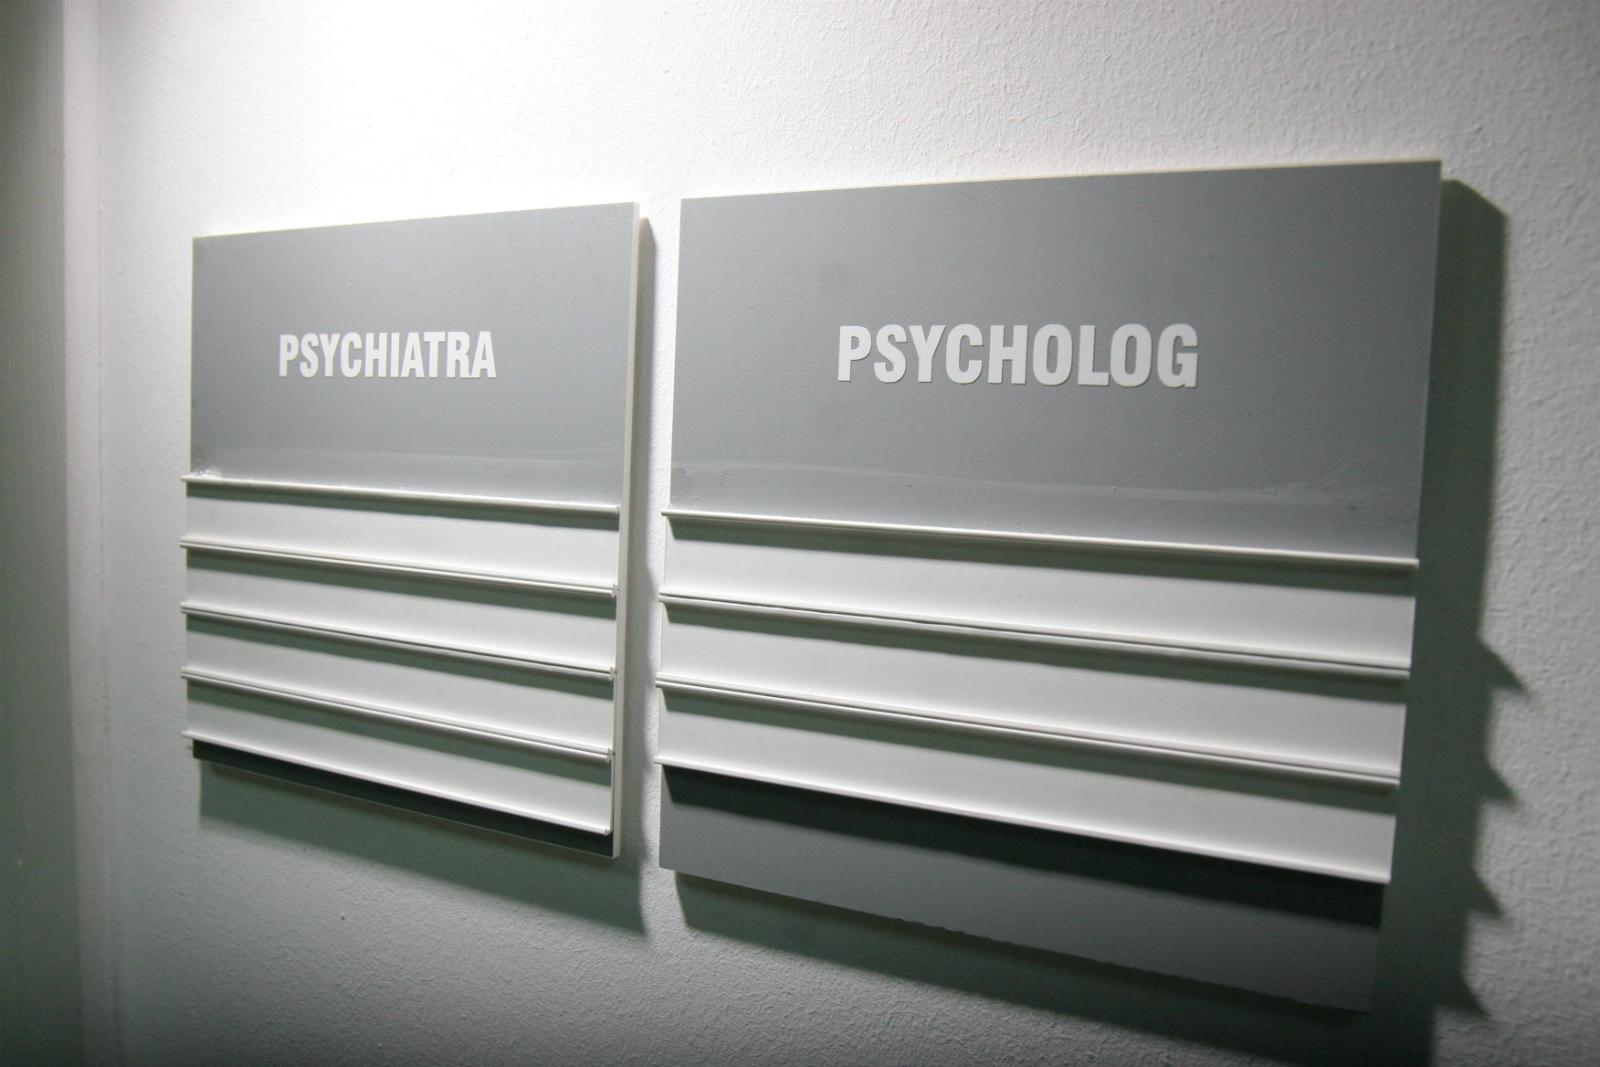 Chorobę psychiczną można traktować tak jak złamaną nogę czy grypę (fot: Wojciech Surdziel/ Agencja Gazeta)